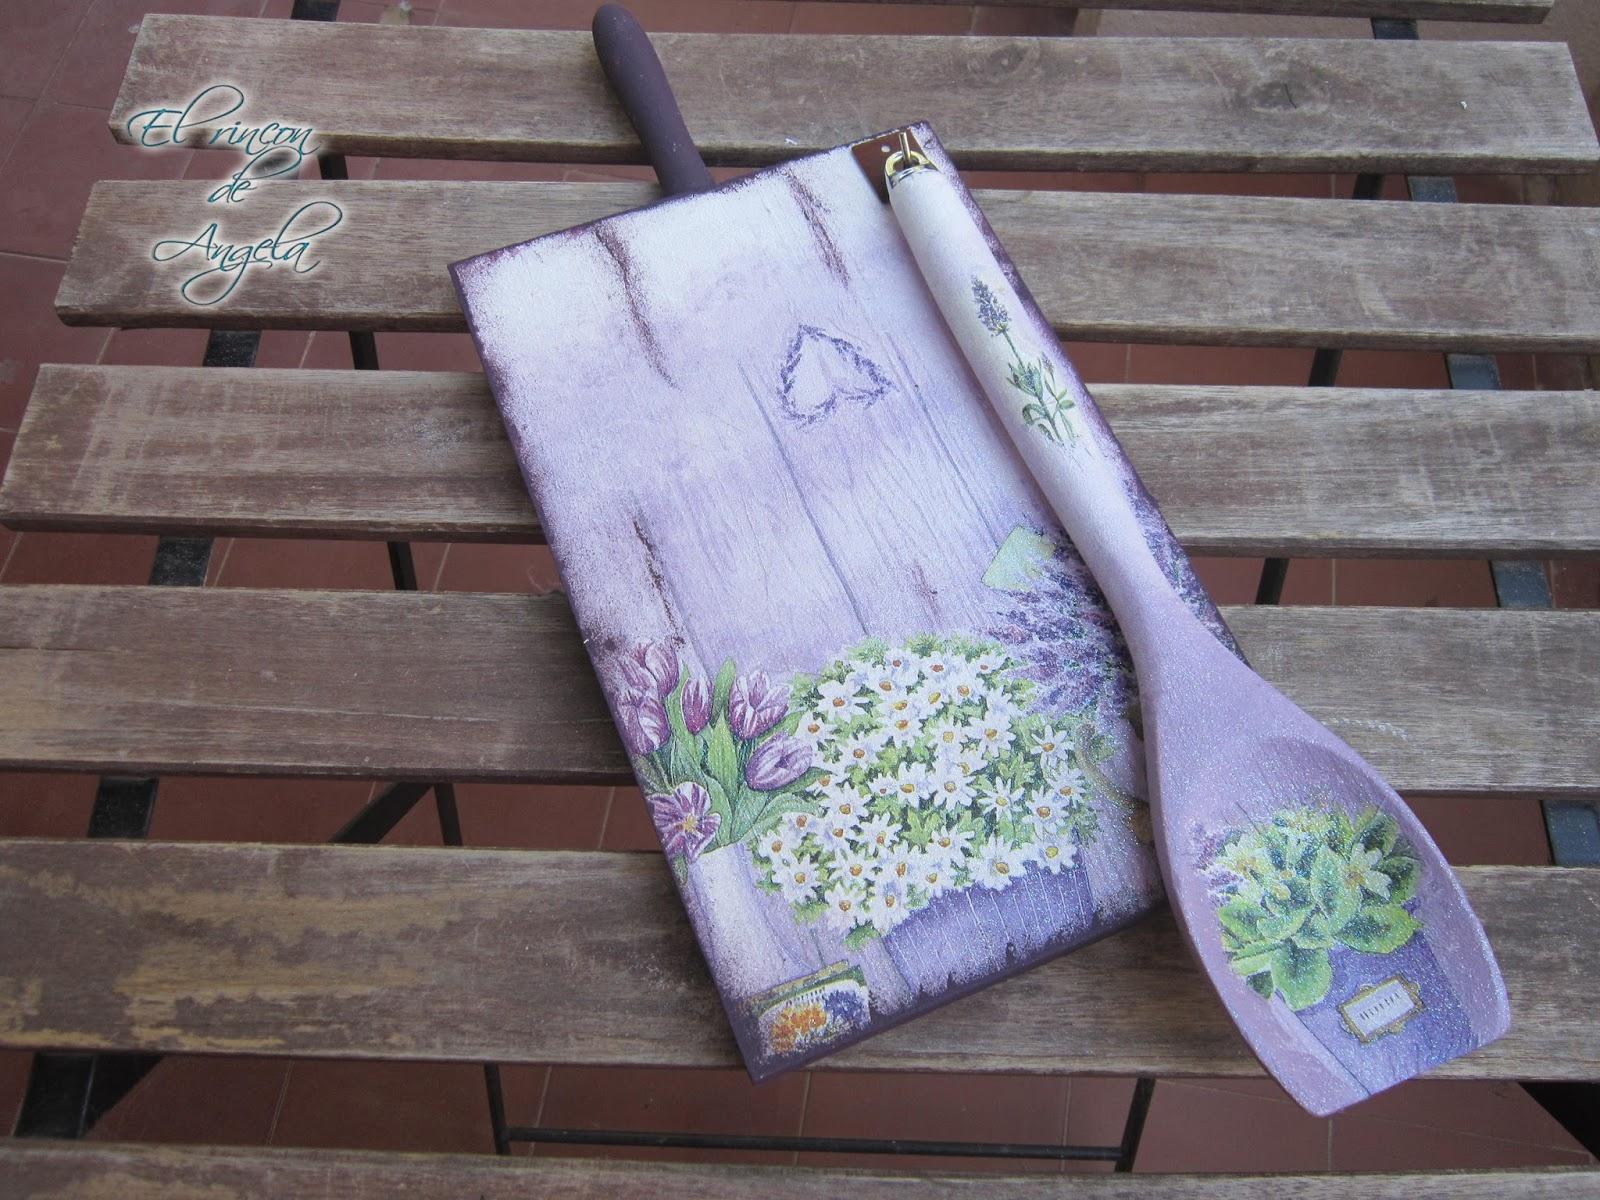 El rincon de angela como decorar una tabla y una cuchara - Decorar tabla madera ...